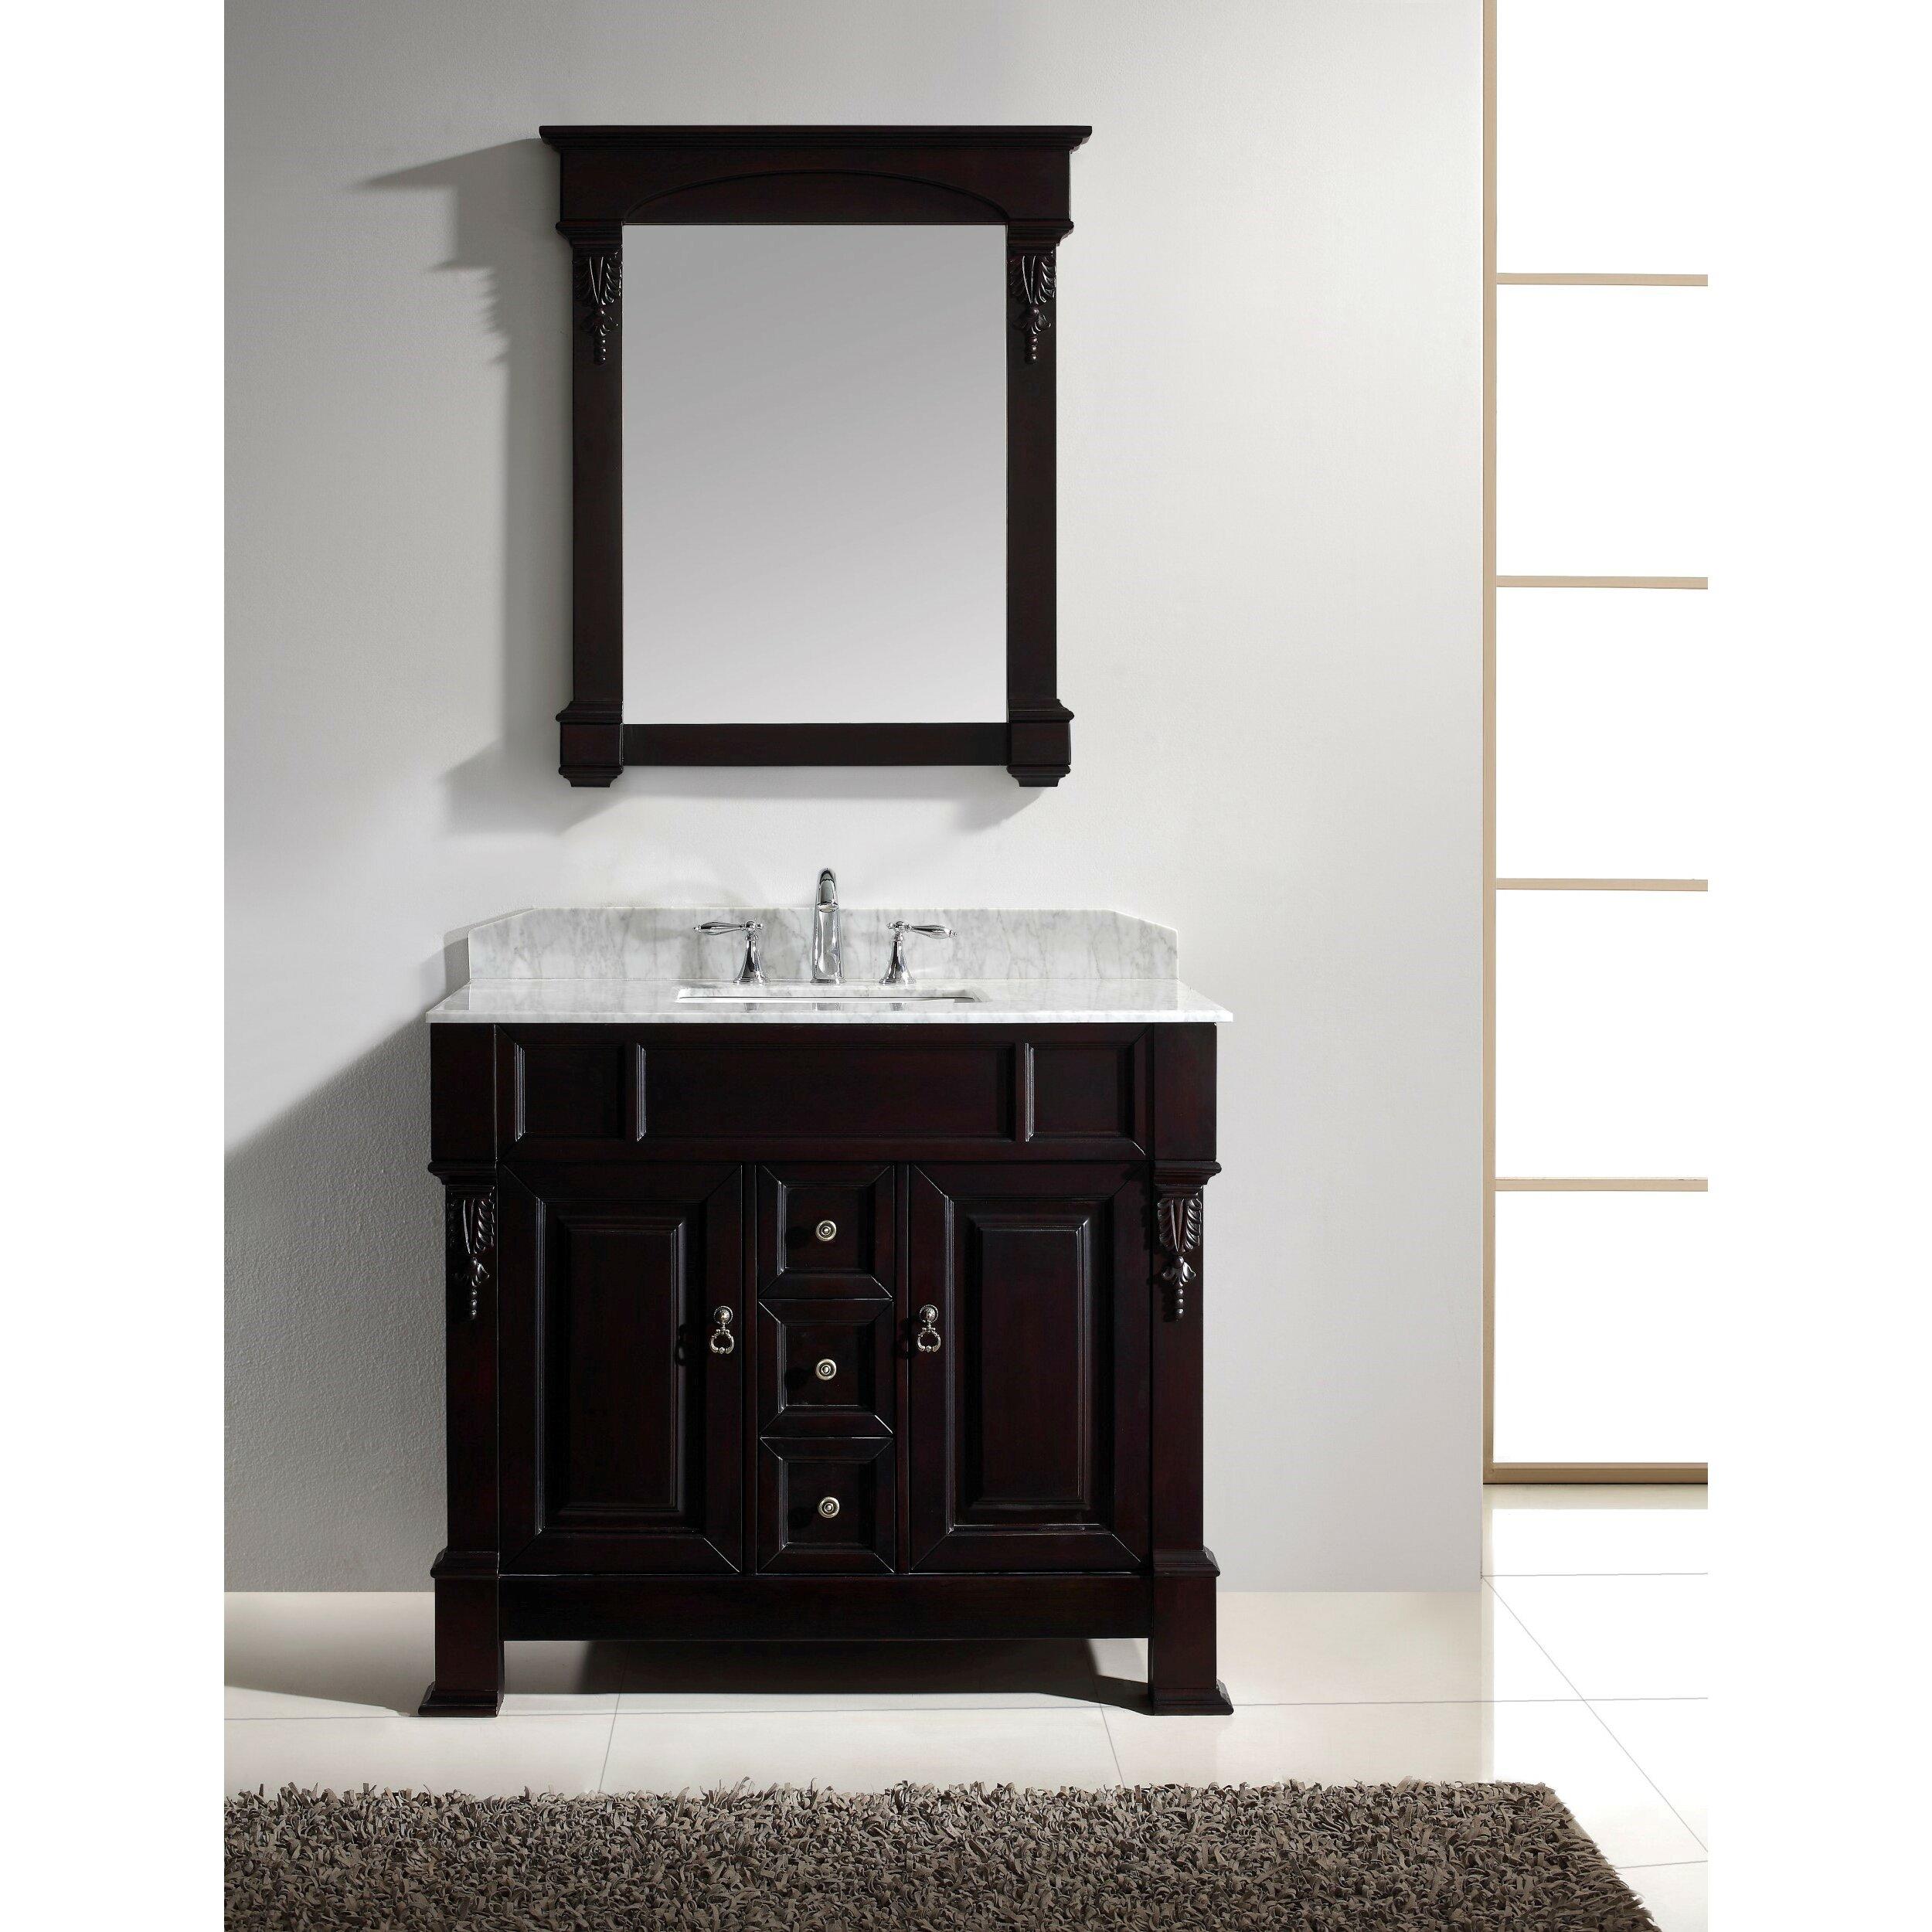 Virtu Huntshire 40 Single Bathroom Vanity Set with Mirror – Bathroom Vanity and Mirror Set